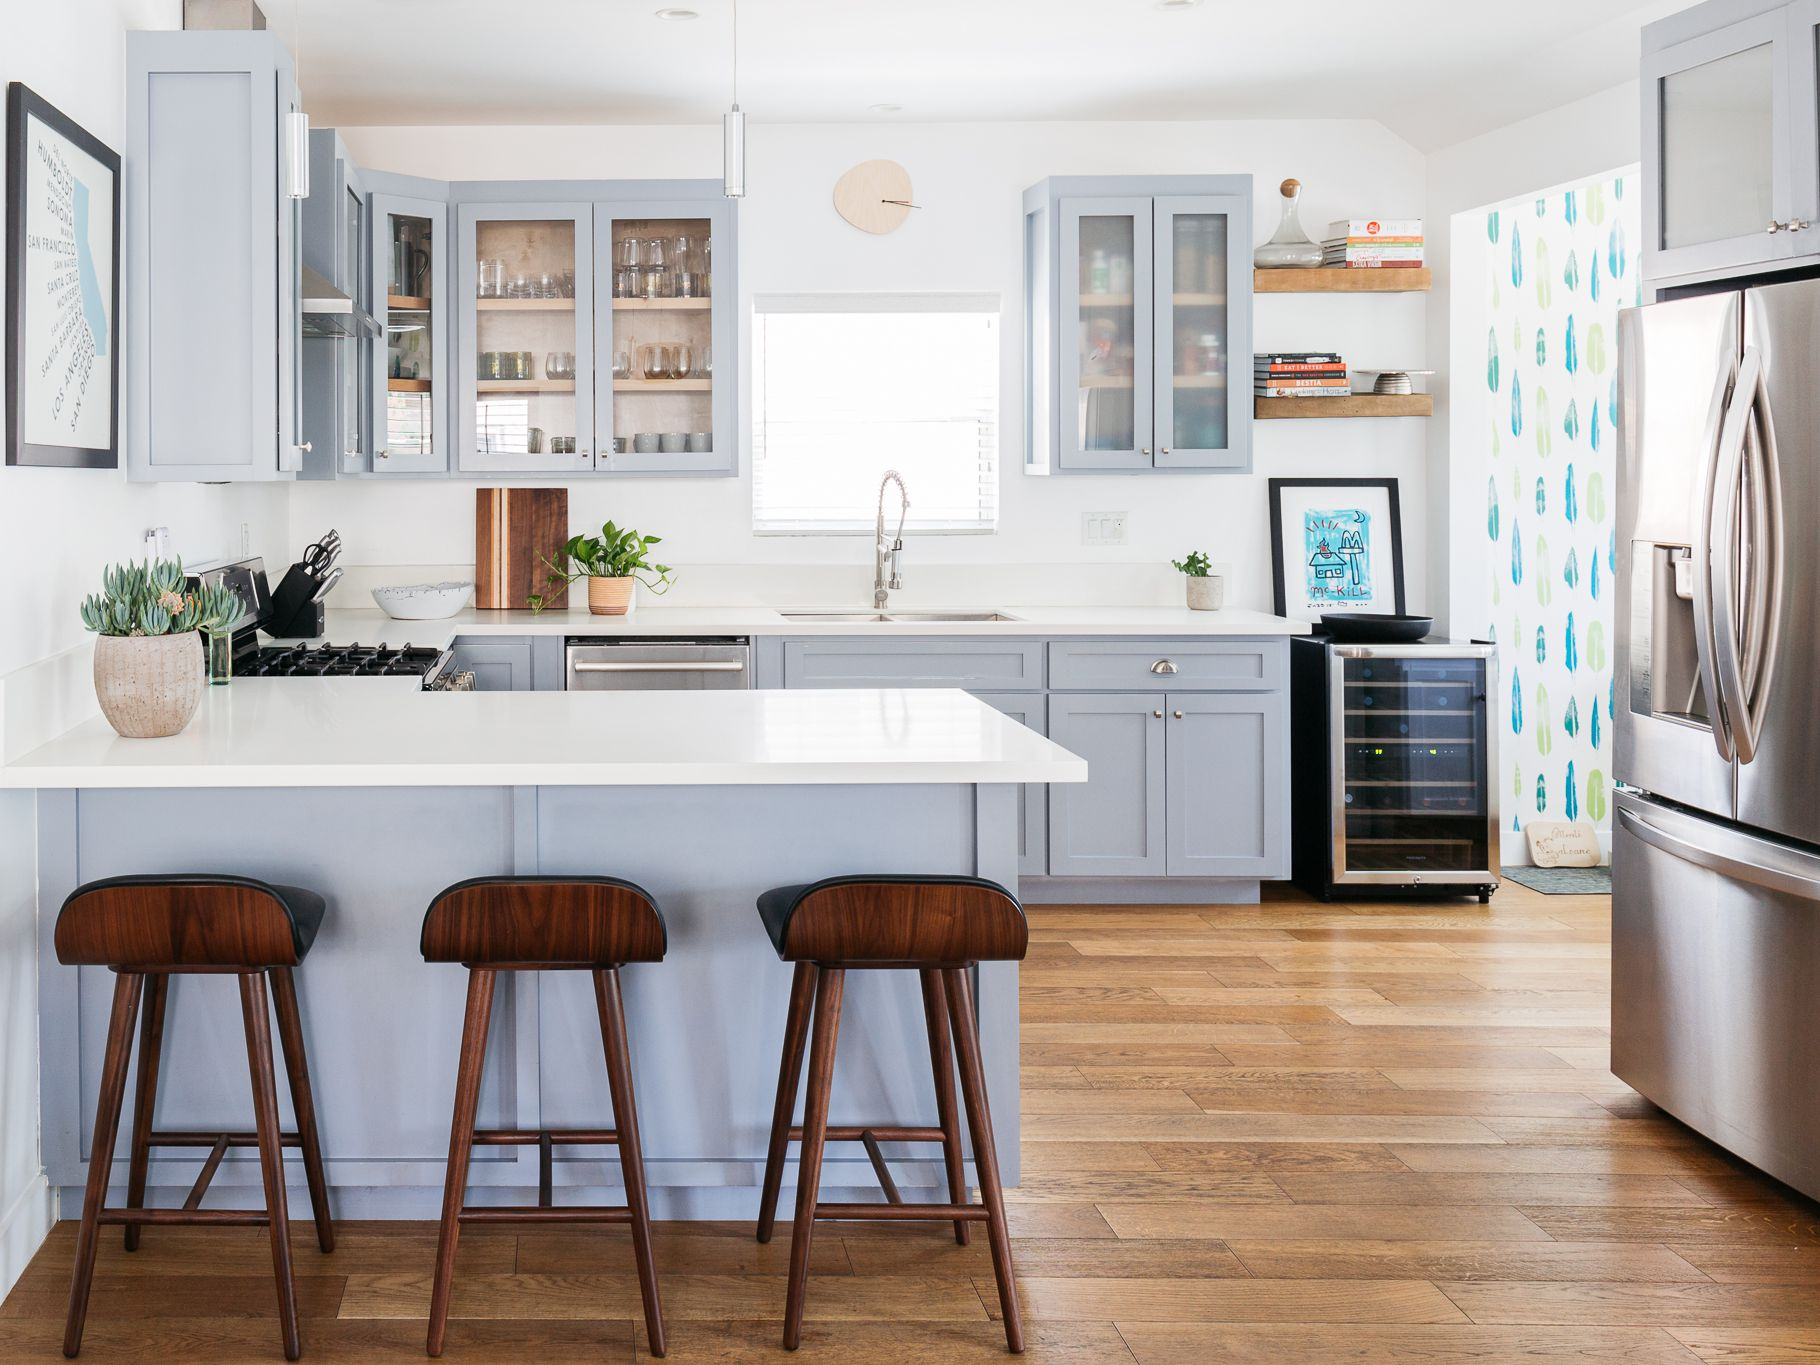 9 Unique Small Kitchen Design Ideas